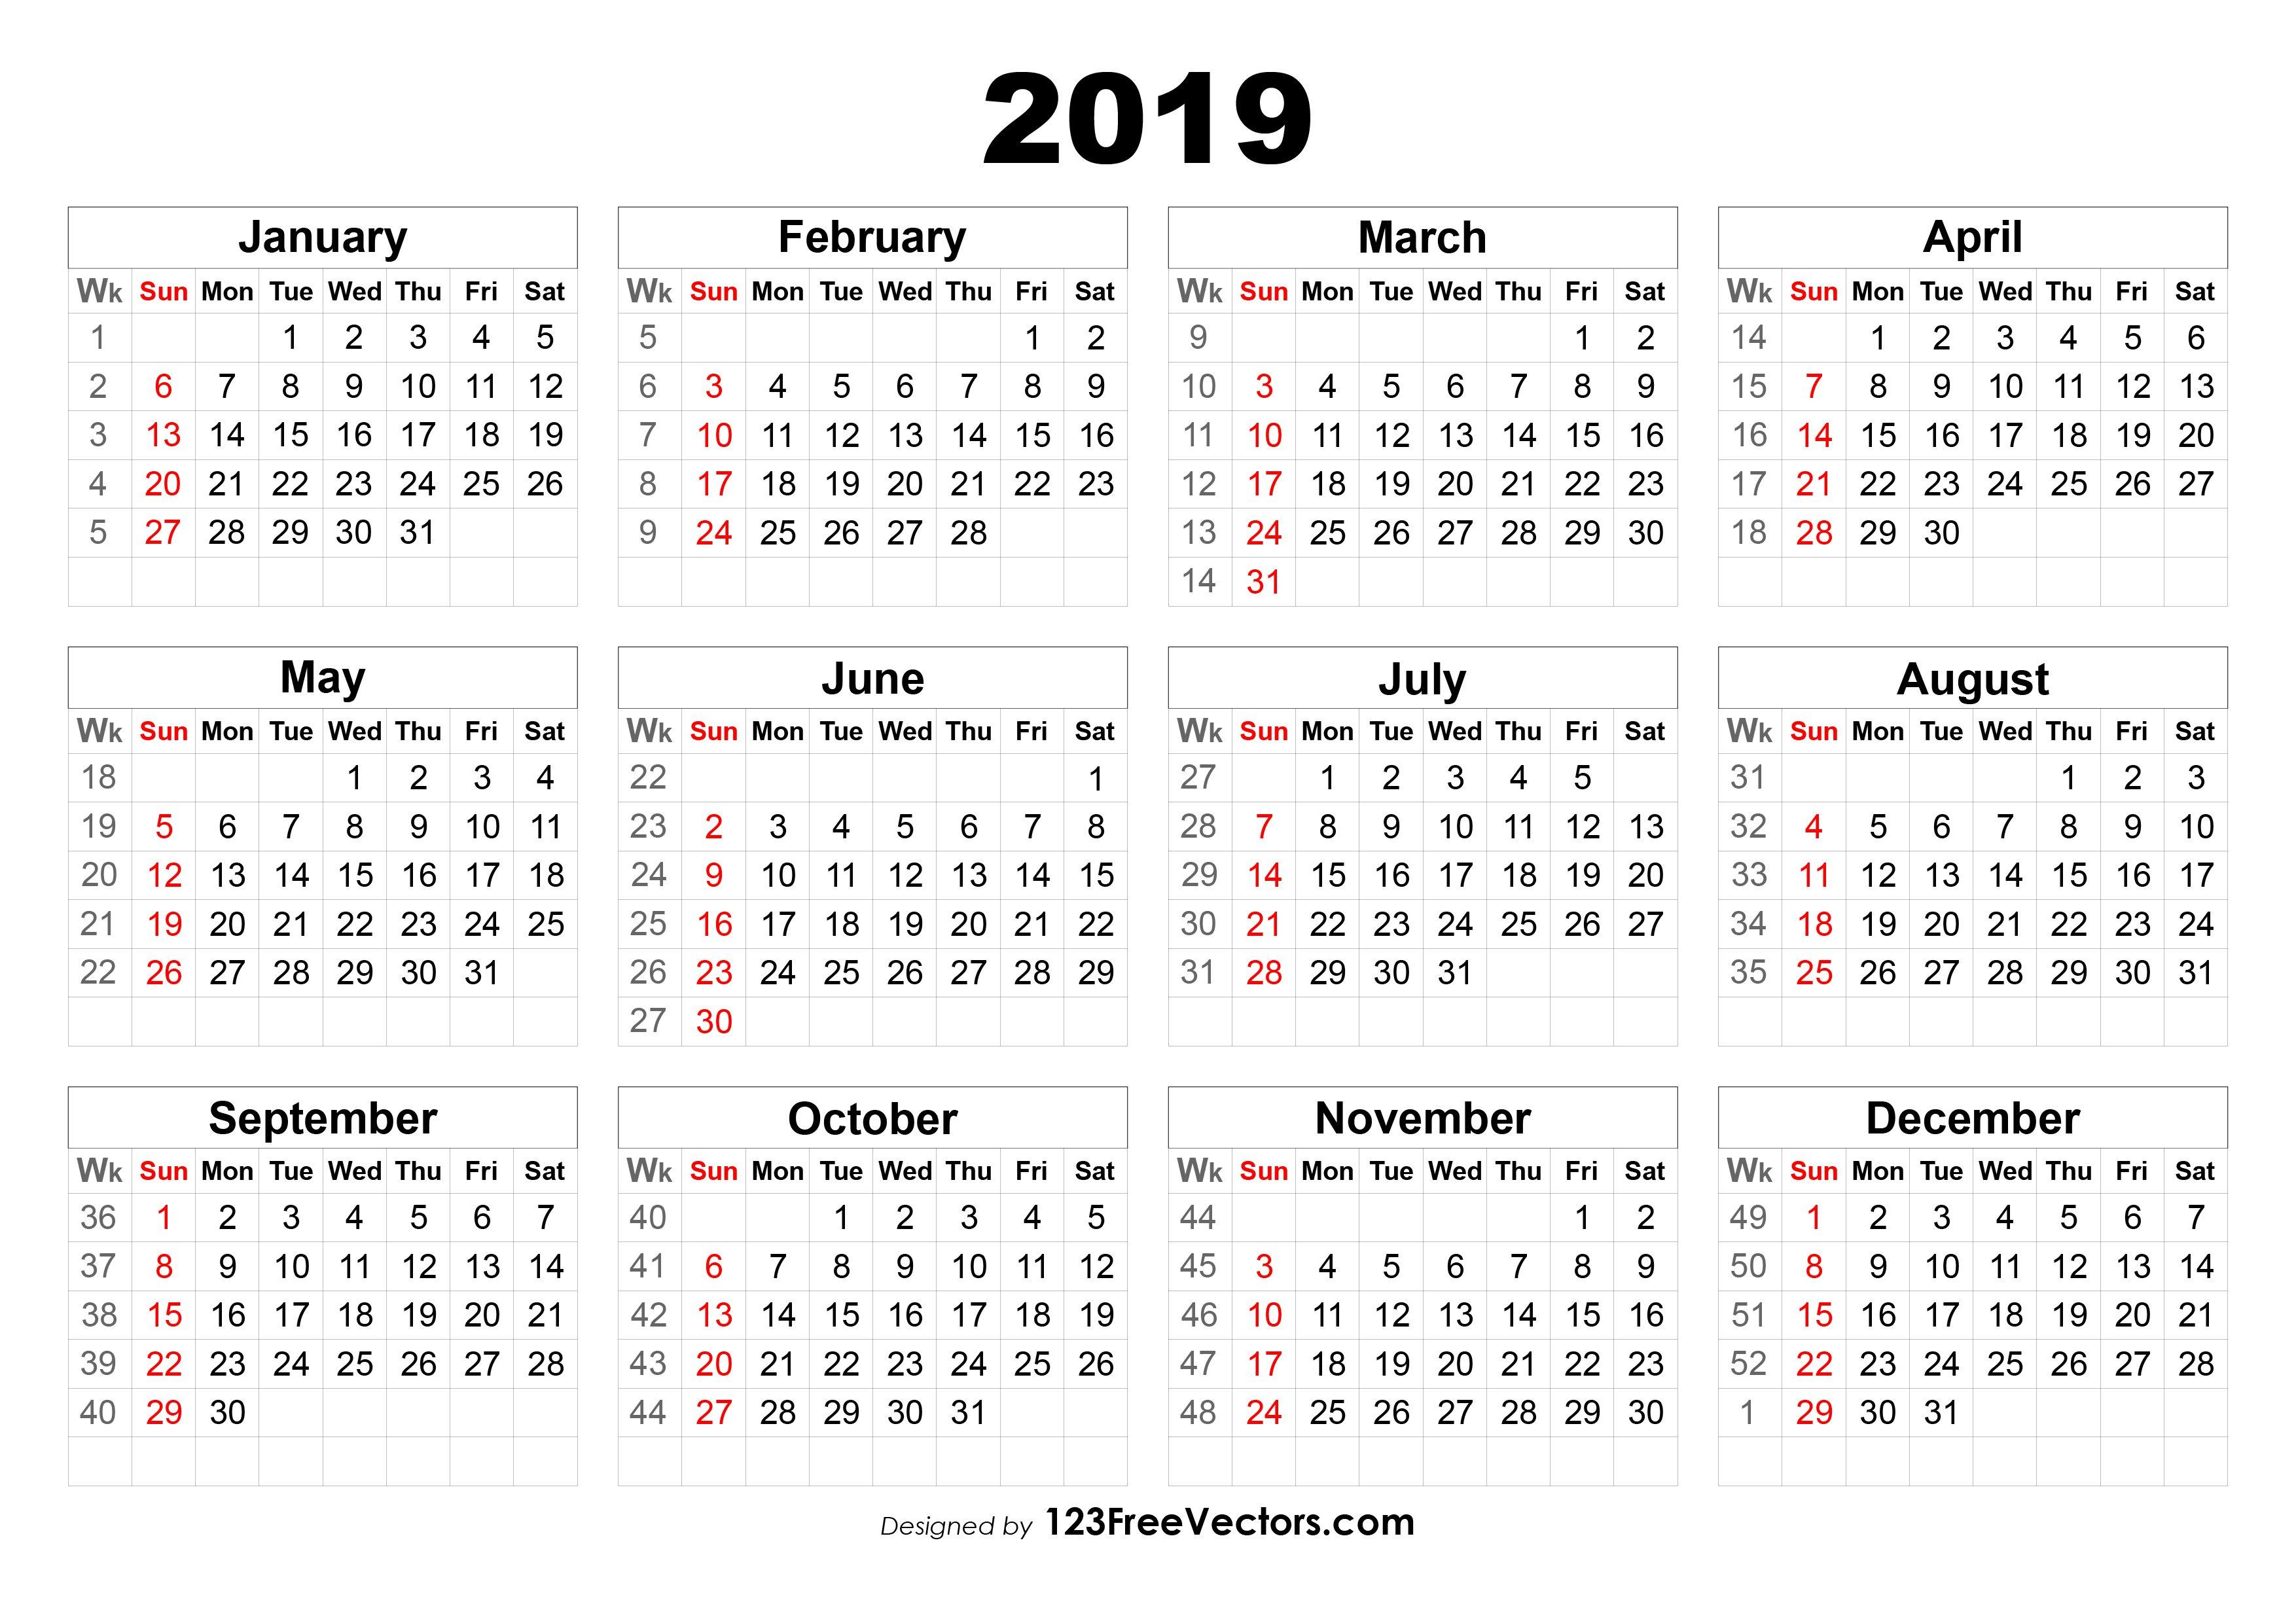 2019 Calendar With Week Numbers Calendar 2019 Week 1